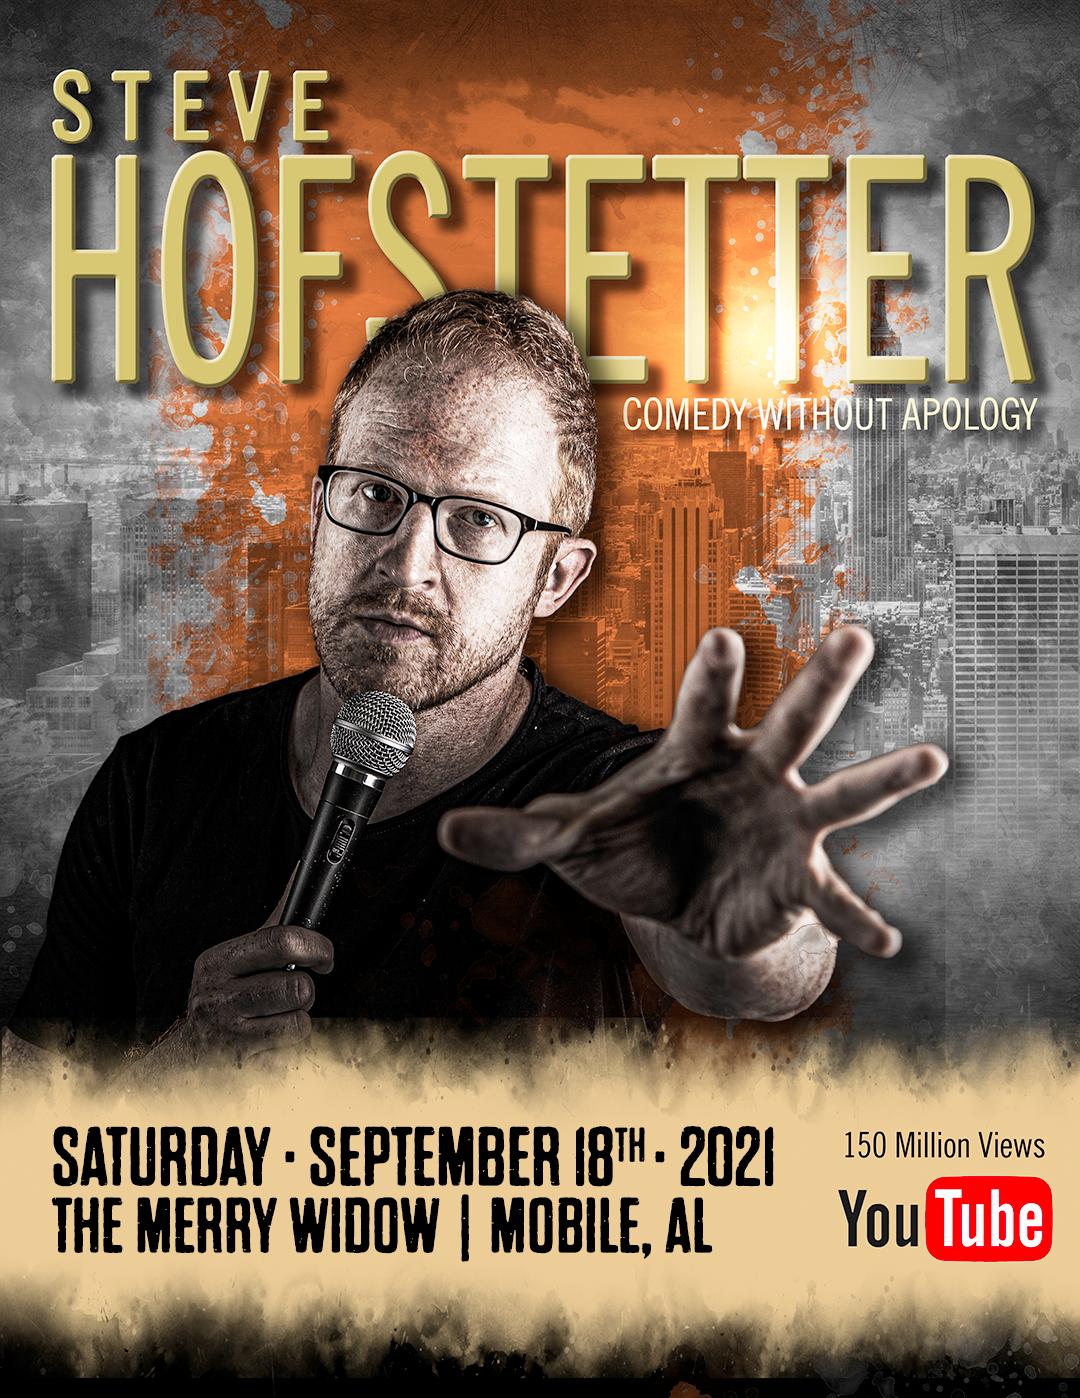 Steve Hofstetter: Main Image